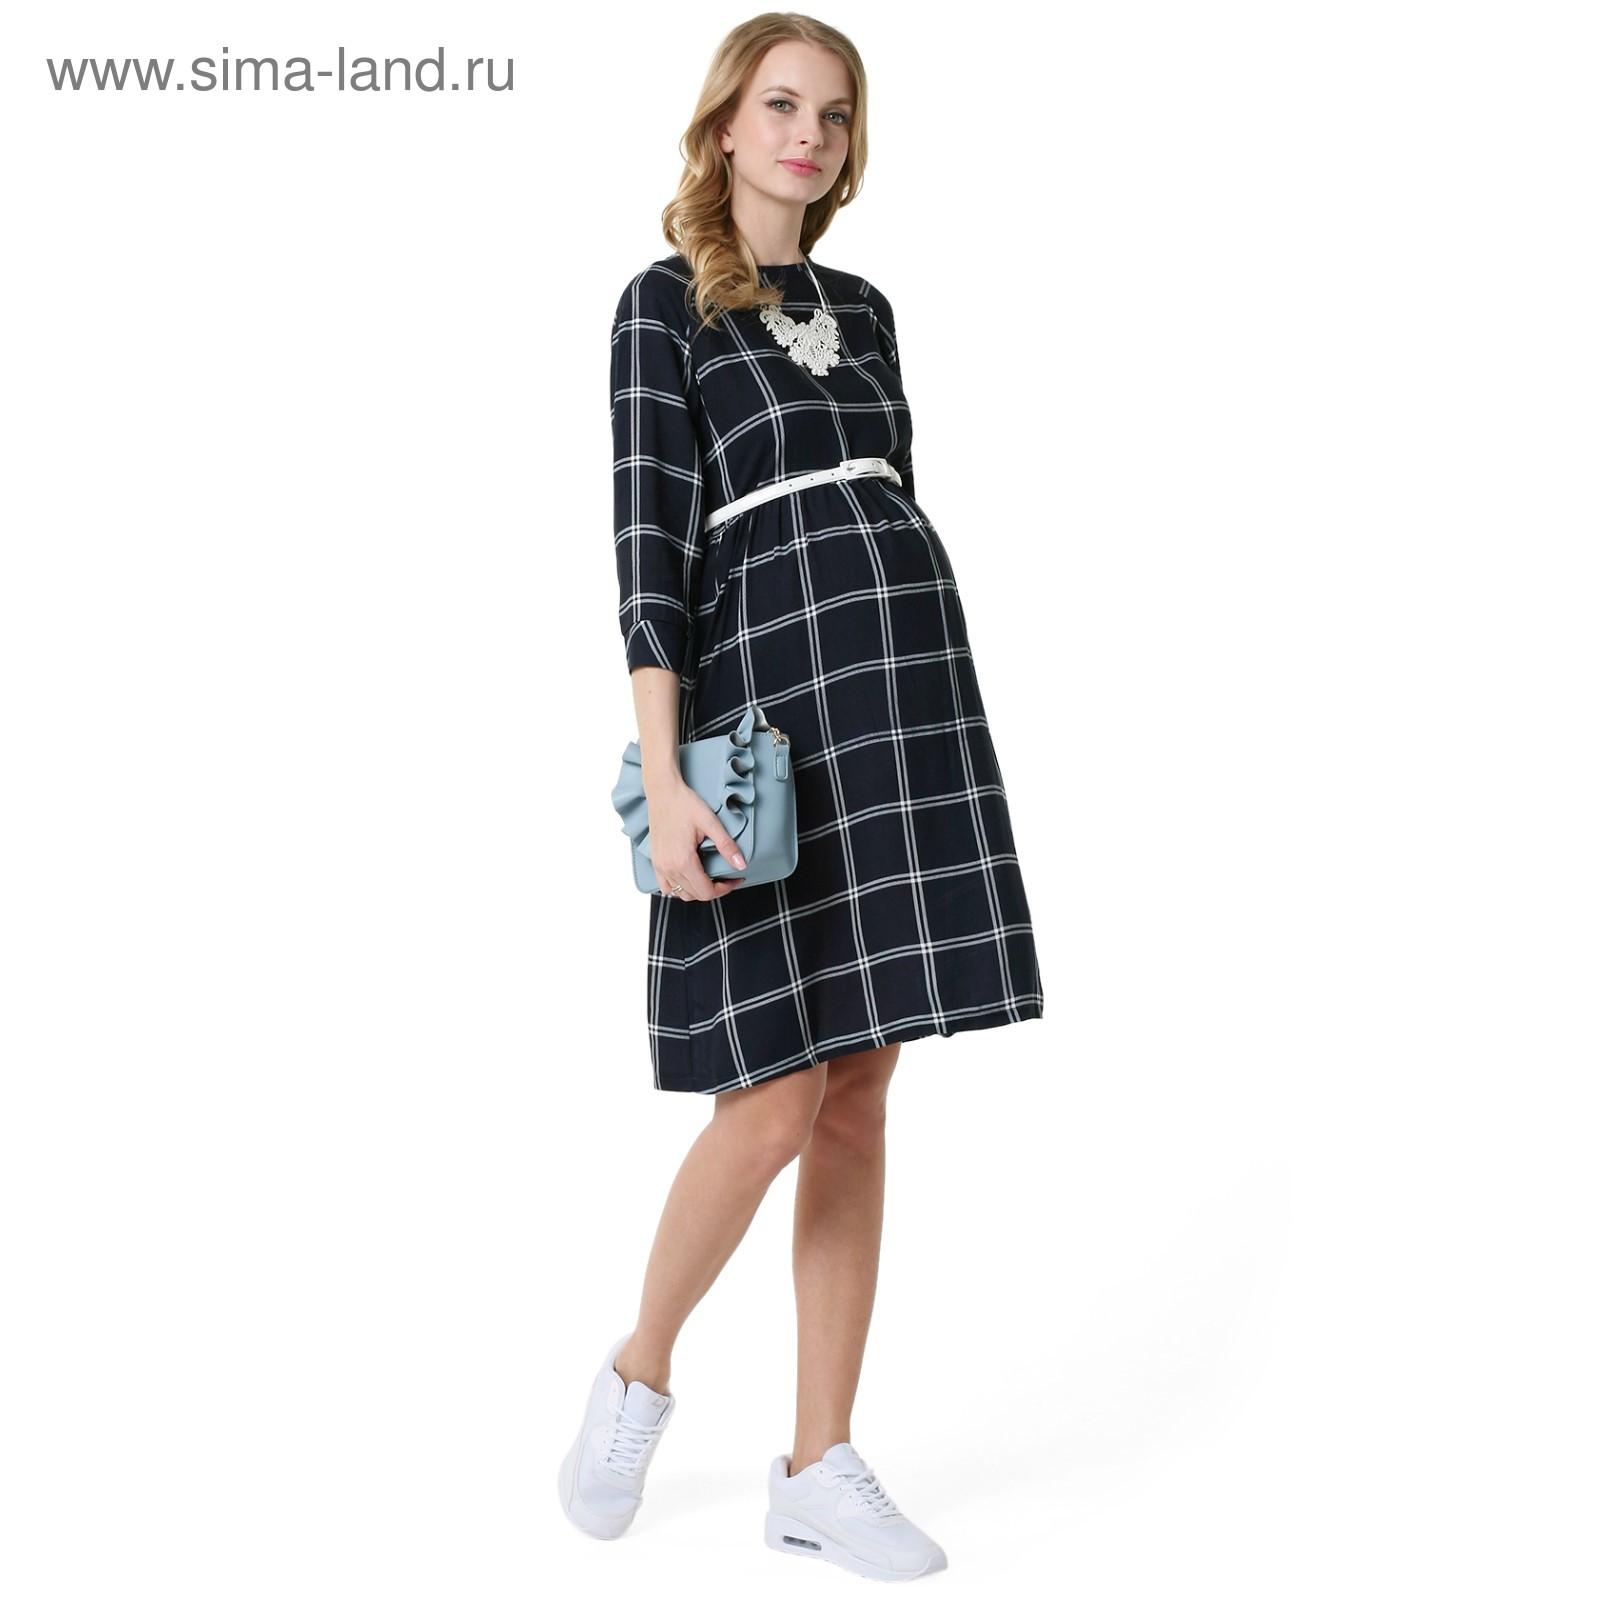 2287ba5dba2e1b0 Платье для беременных 100327 цвет синий клетка, р-р 42 (3814515 ...